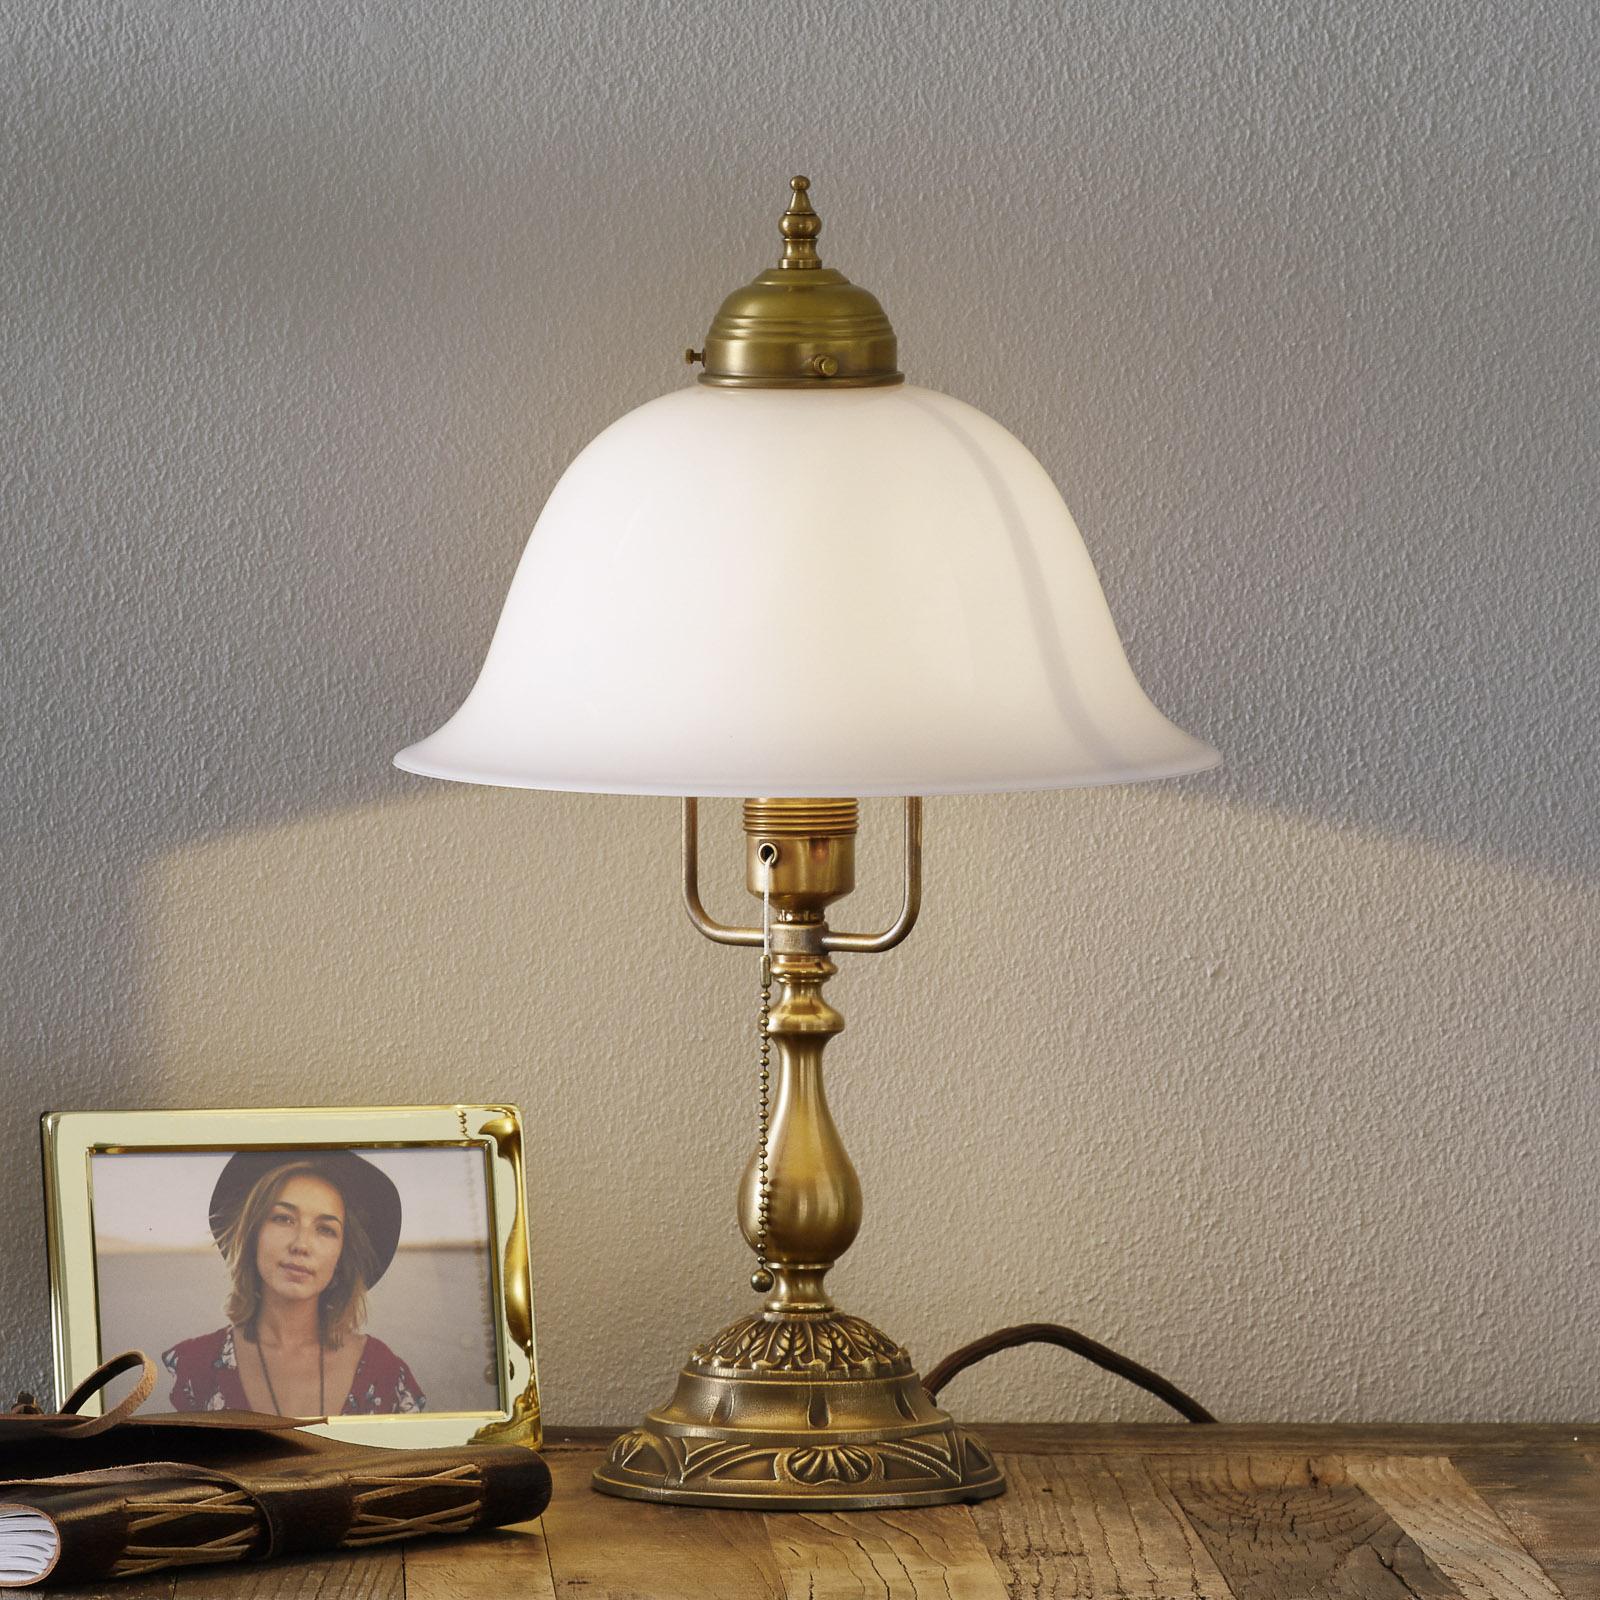 Lampada da tavolo Carolin in ottone decorato